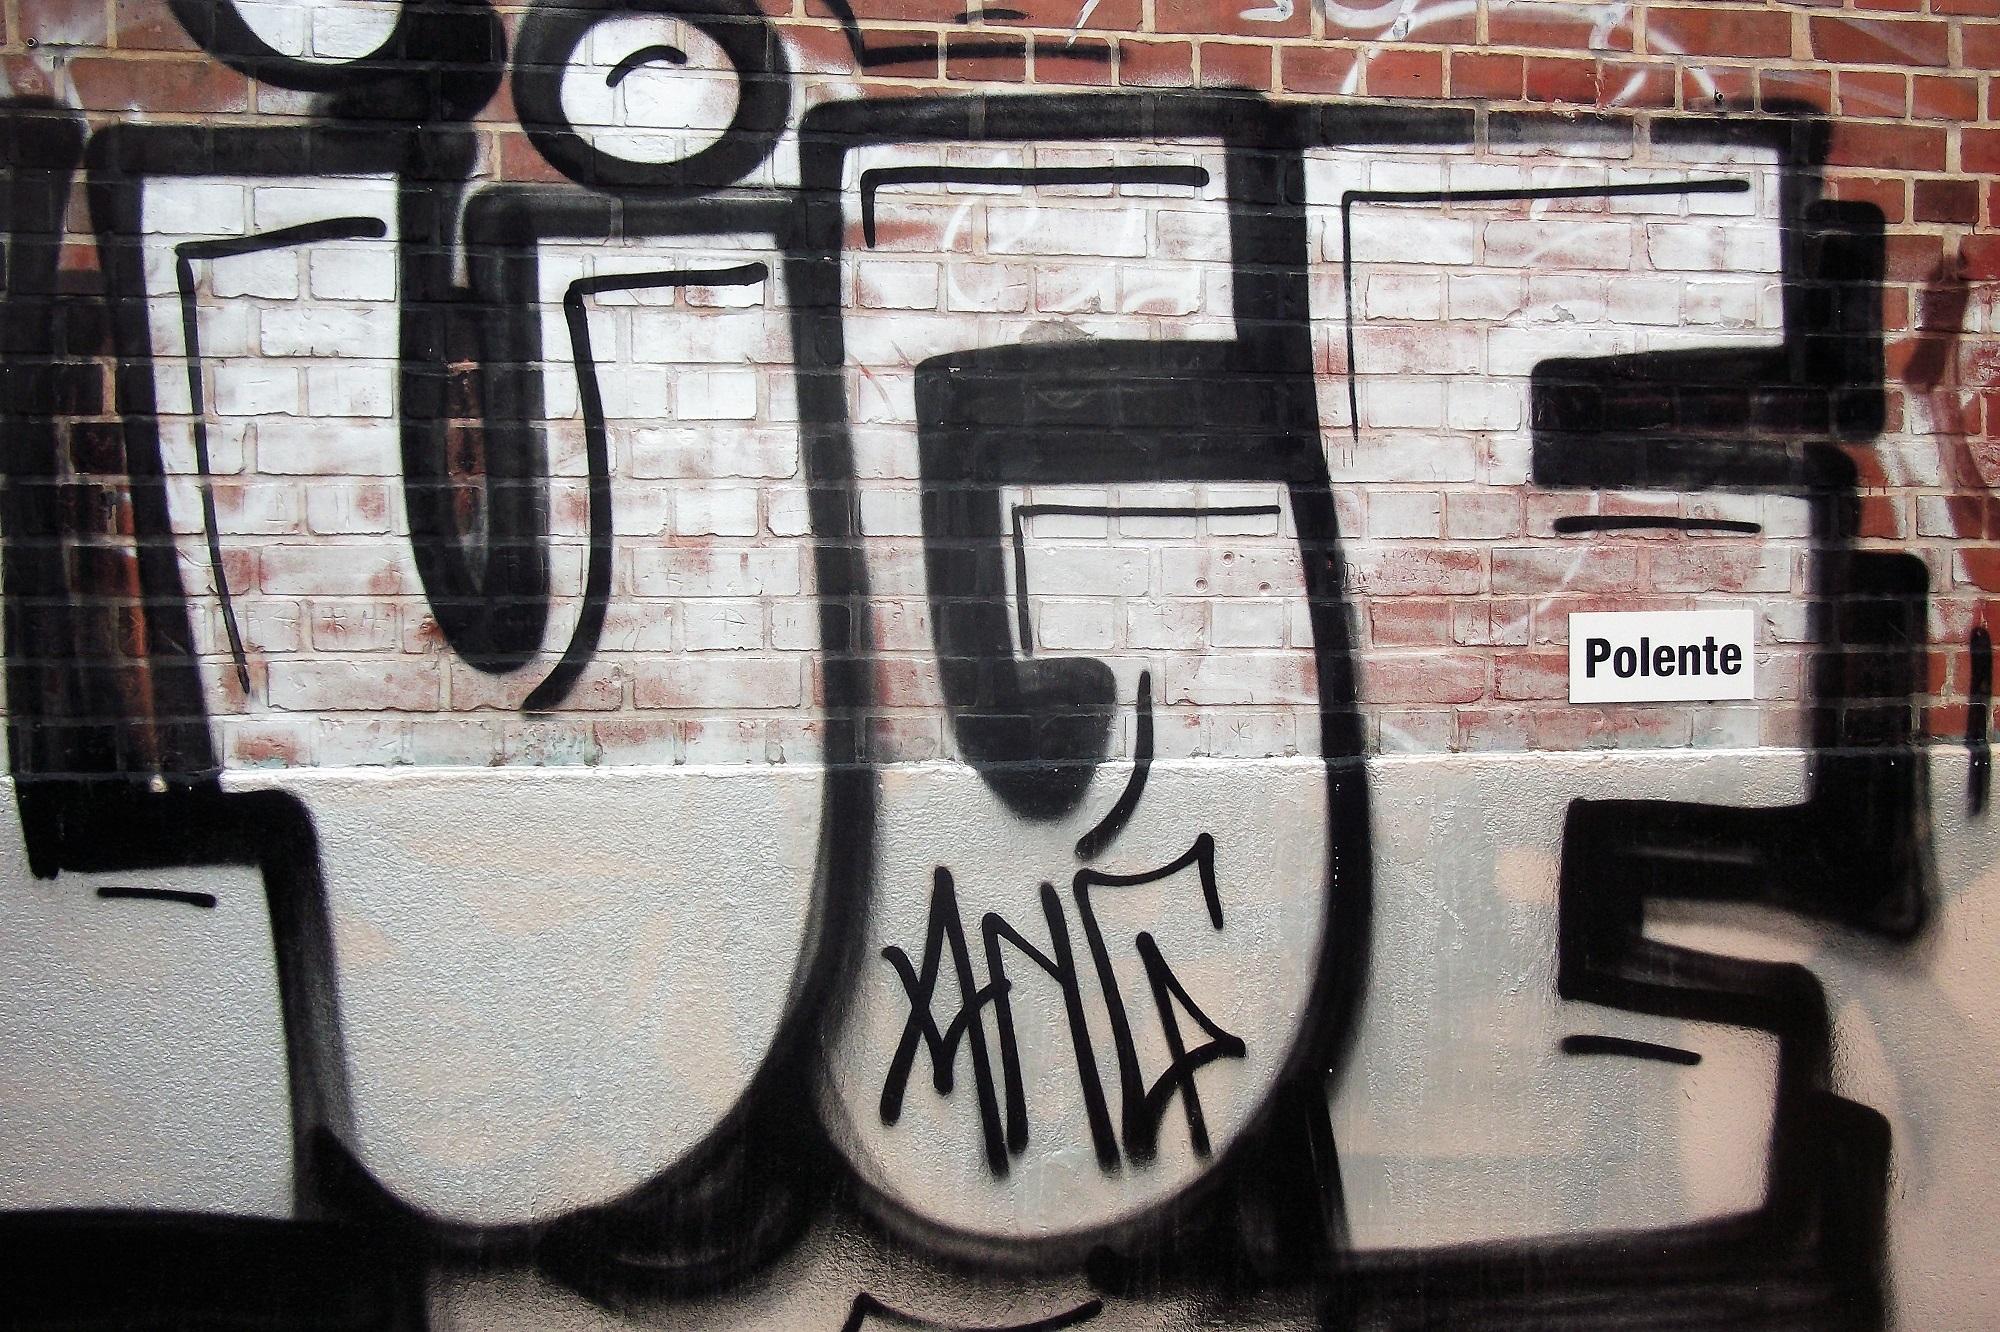 Polente